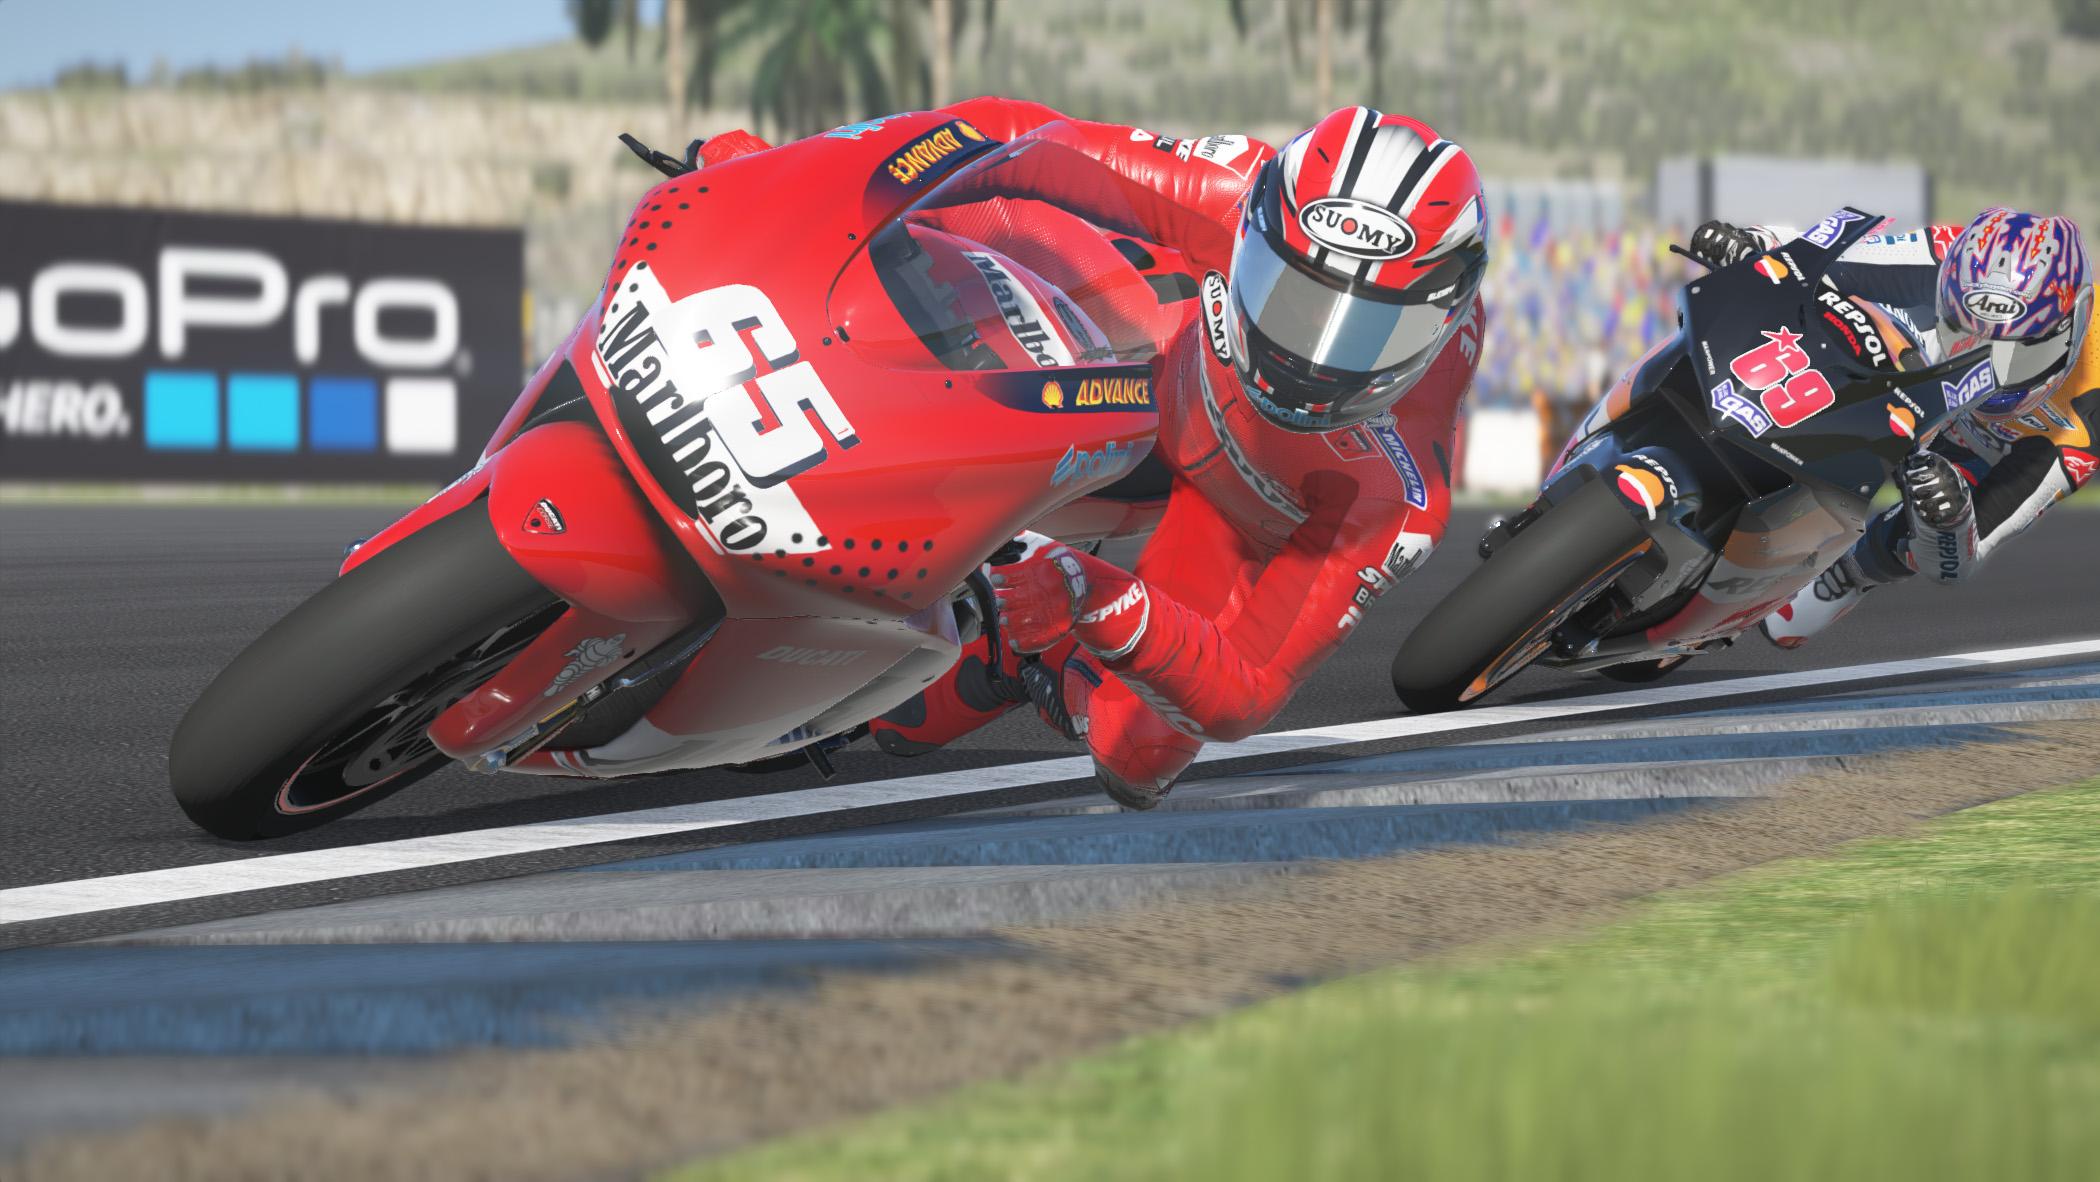 MotoGPVR46X64 2016-07-01 16-04-58-97.jpg